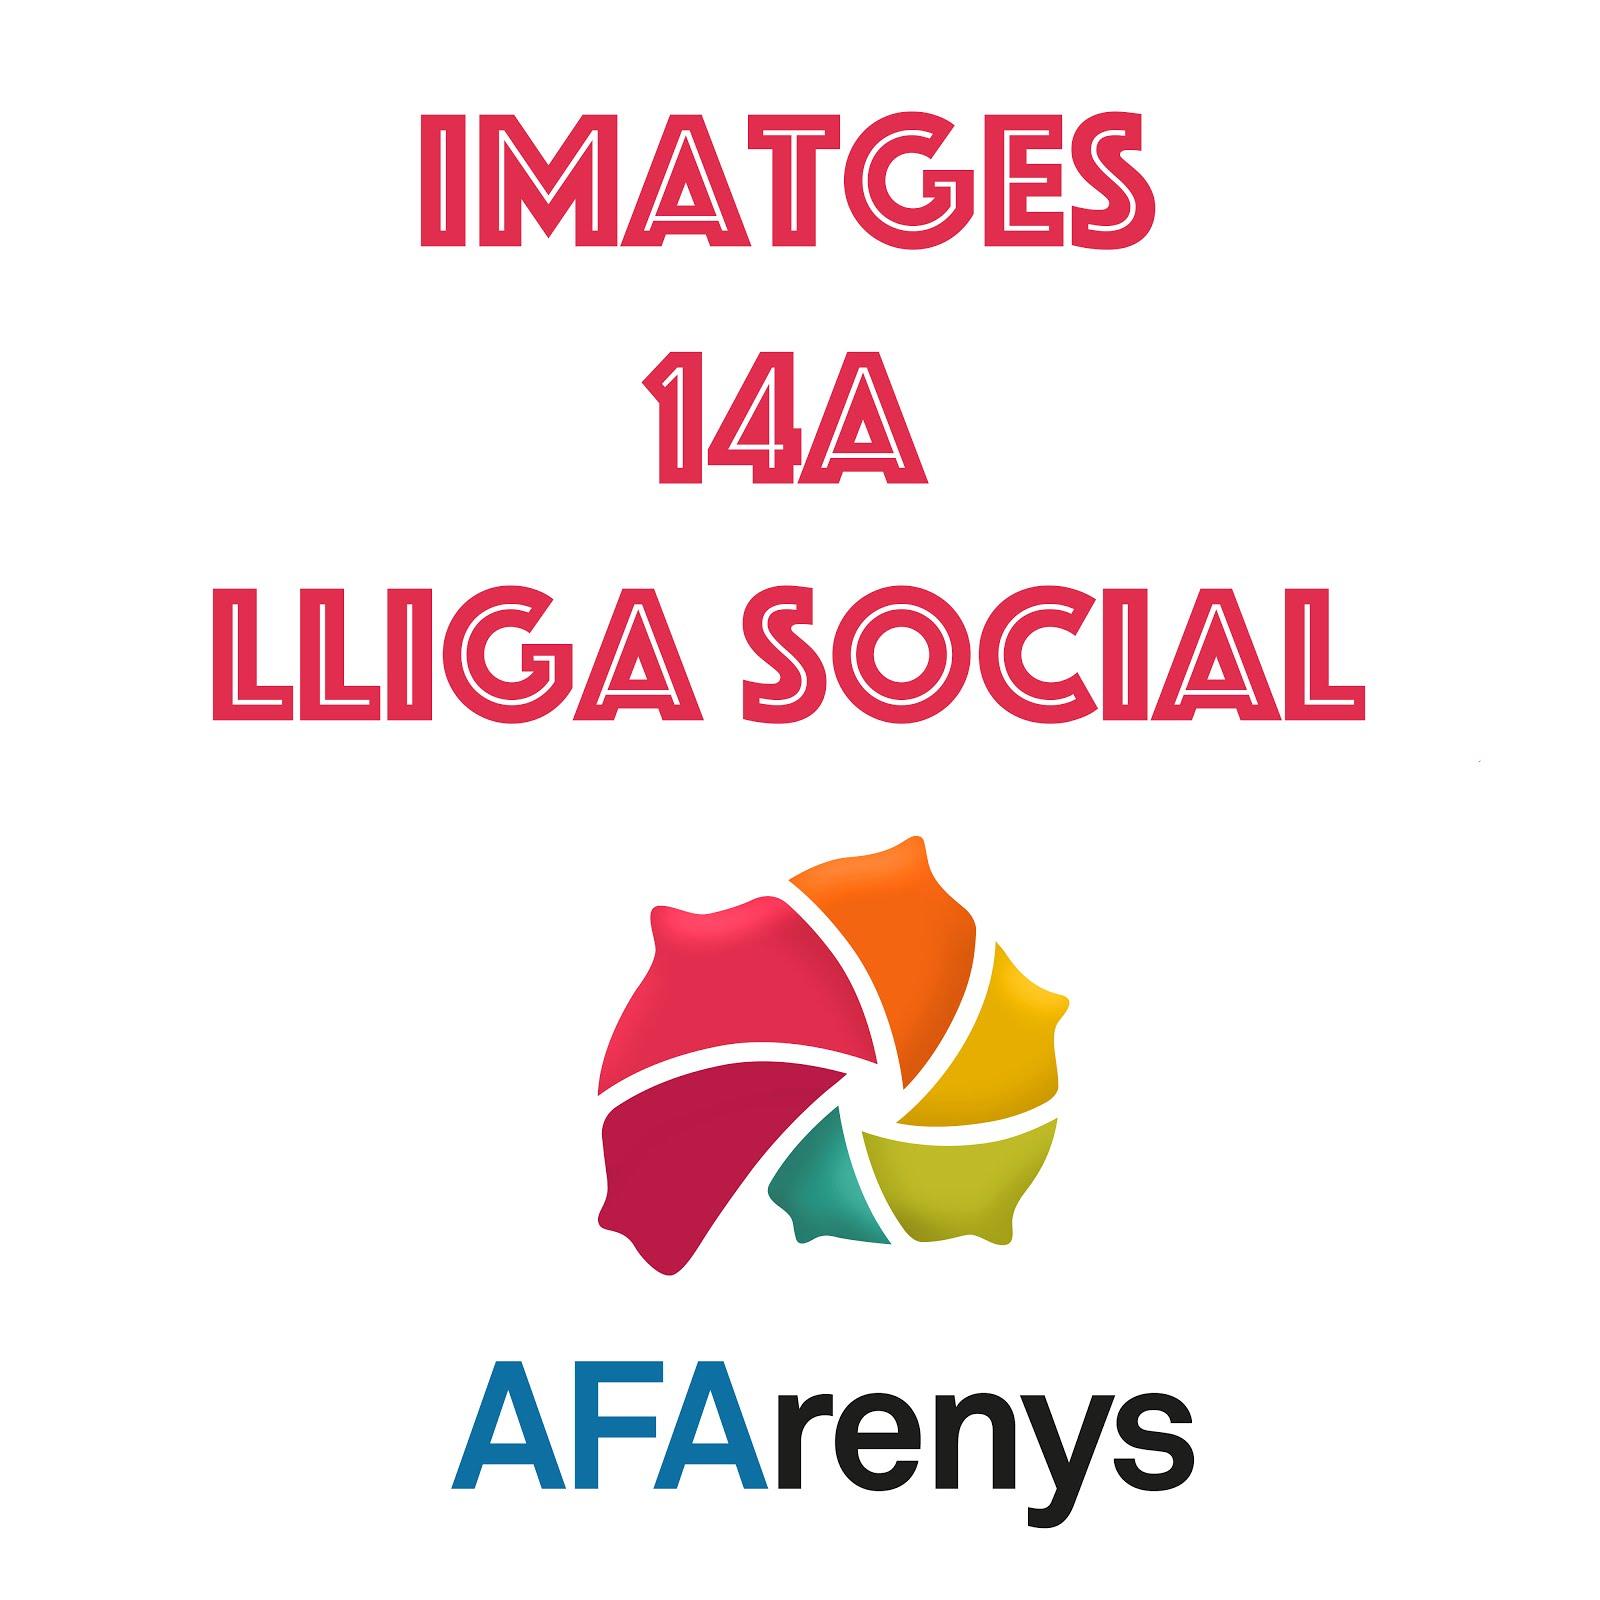 Imatges de la 14a Lliga